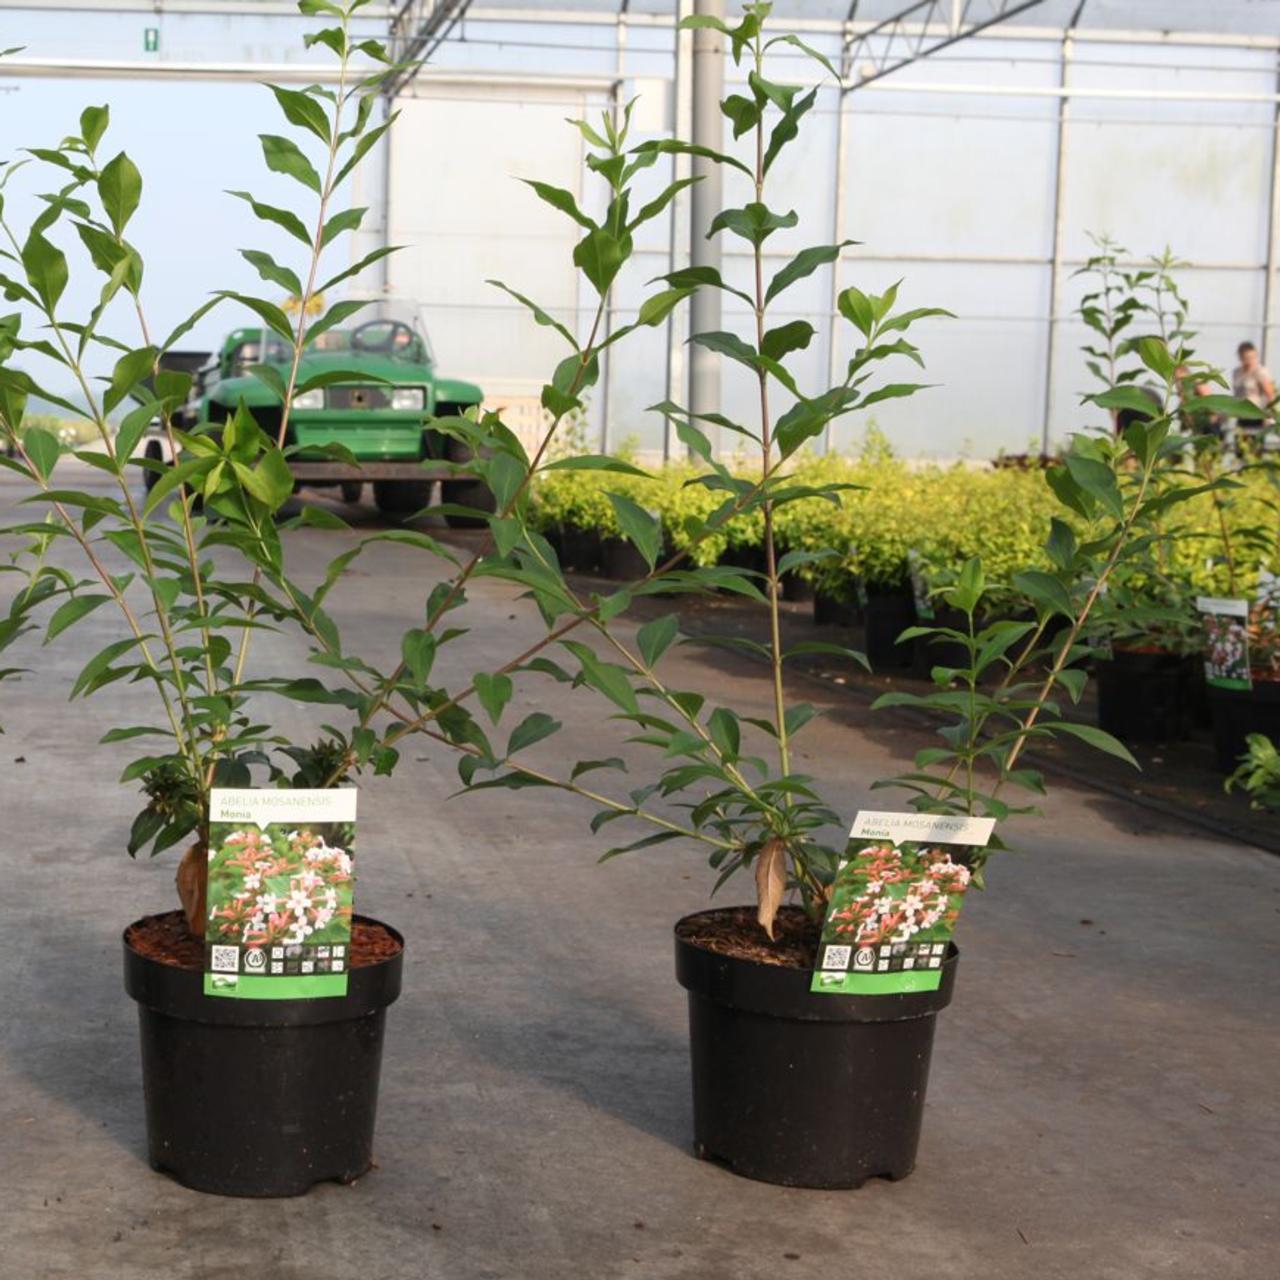 Abelia mosanensis 'Monia' plant